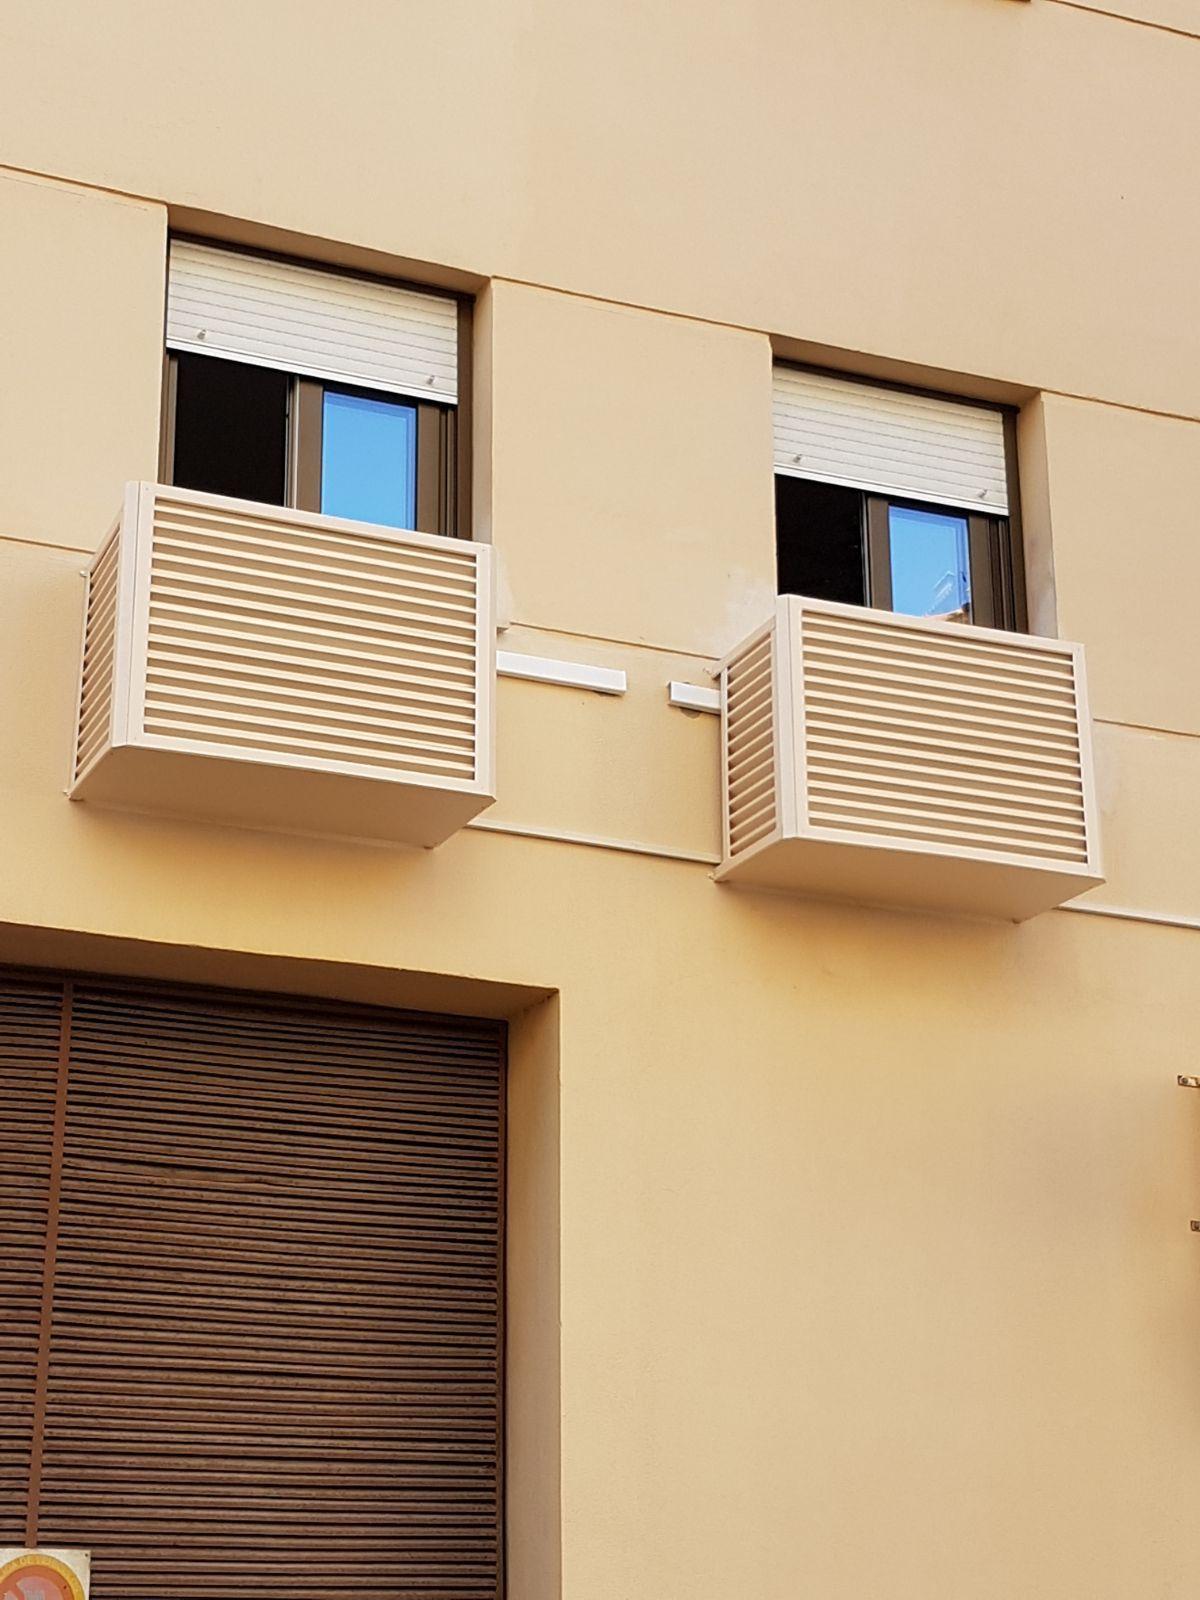 21 Ideas De Protectores De Rejas Para Aire Acondicionados Aire Acondicionado Acondicionado Cubierta De Aire Acondicionado